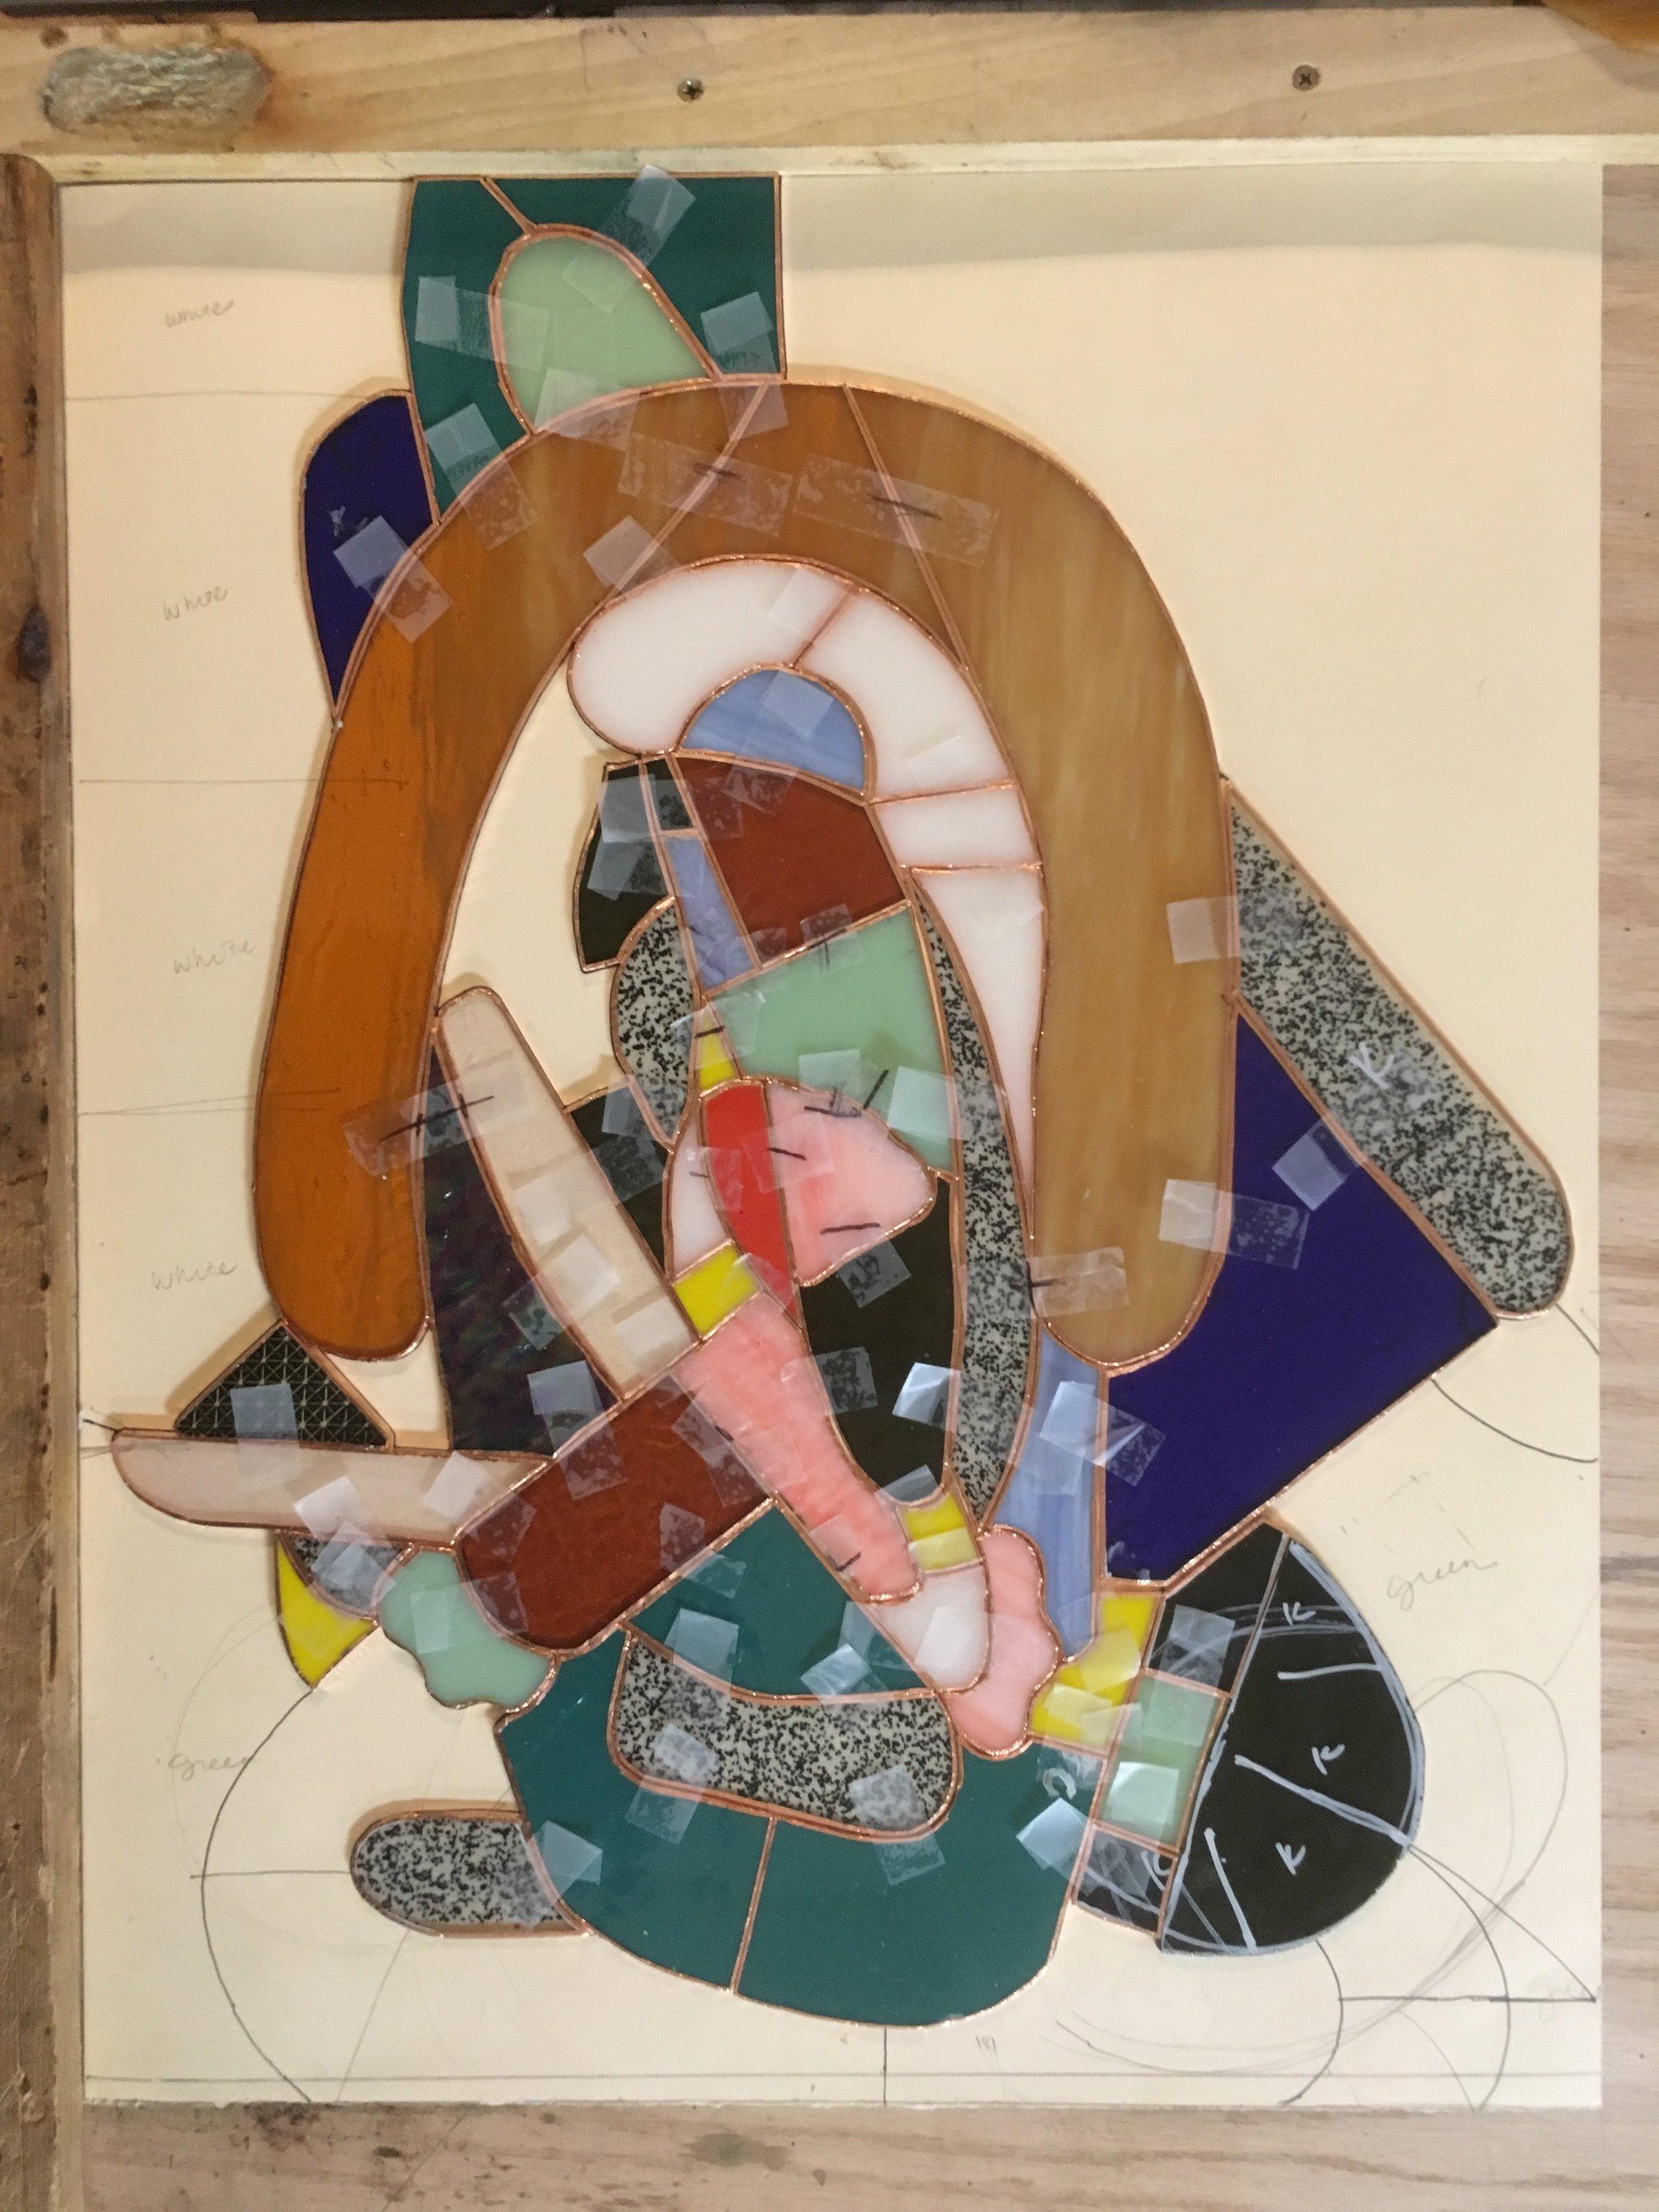 Stained.Glass.Painting.Kerbi.Urbanowski.3.jpg